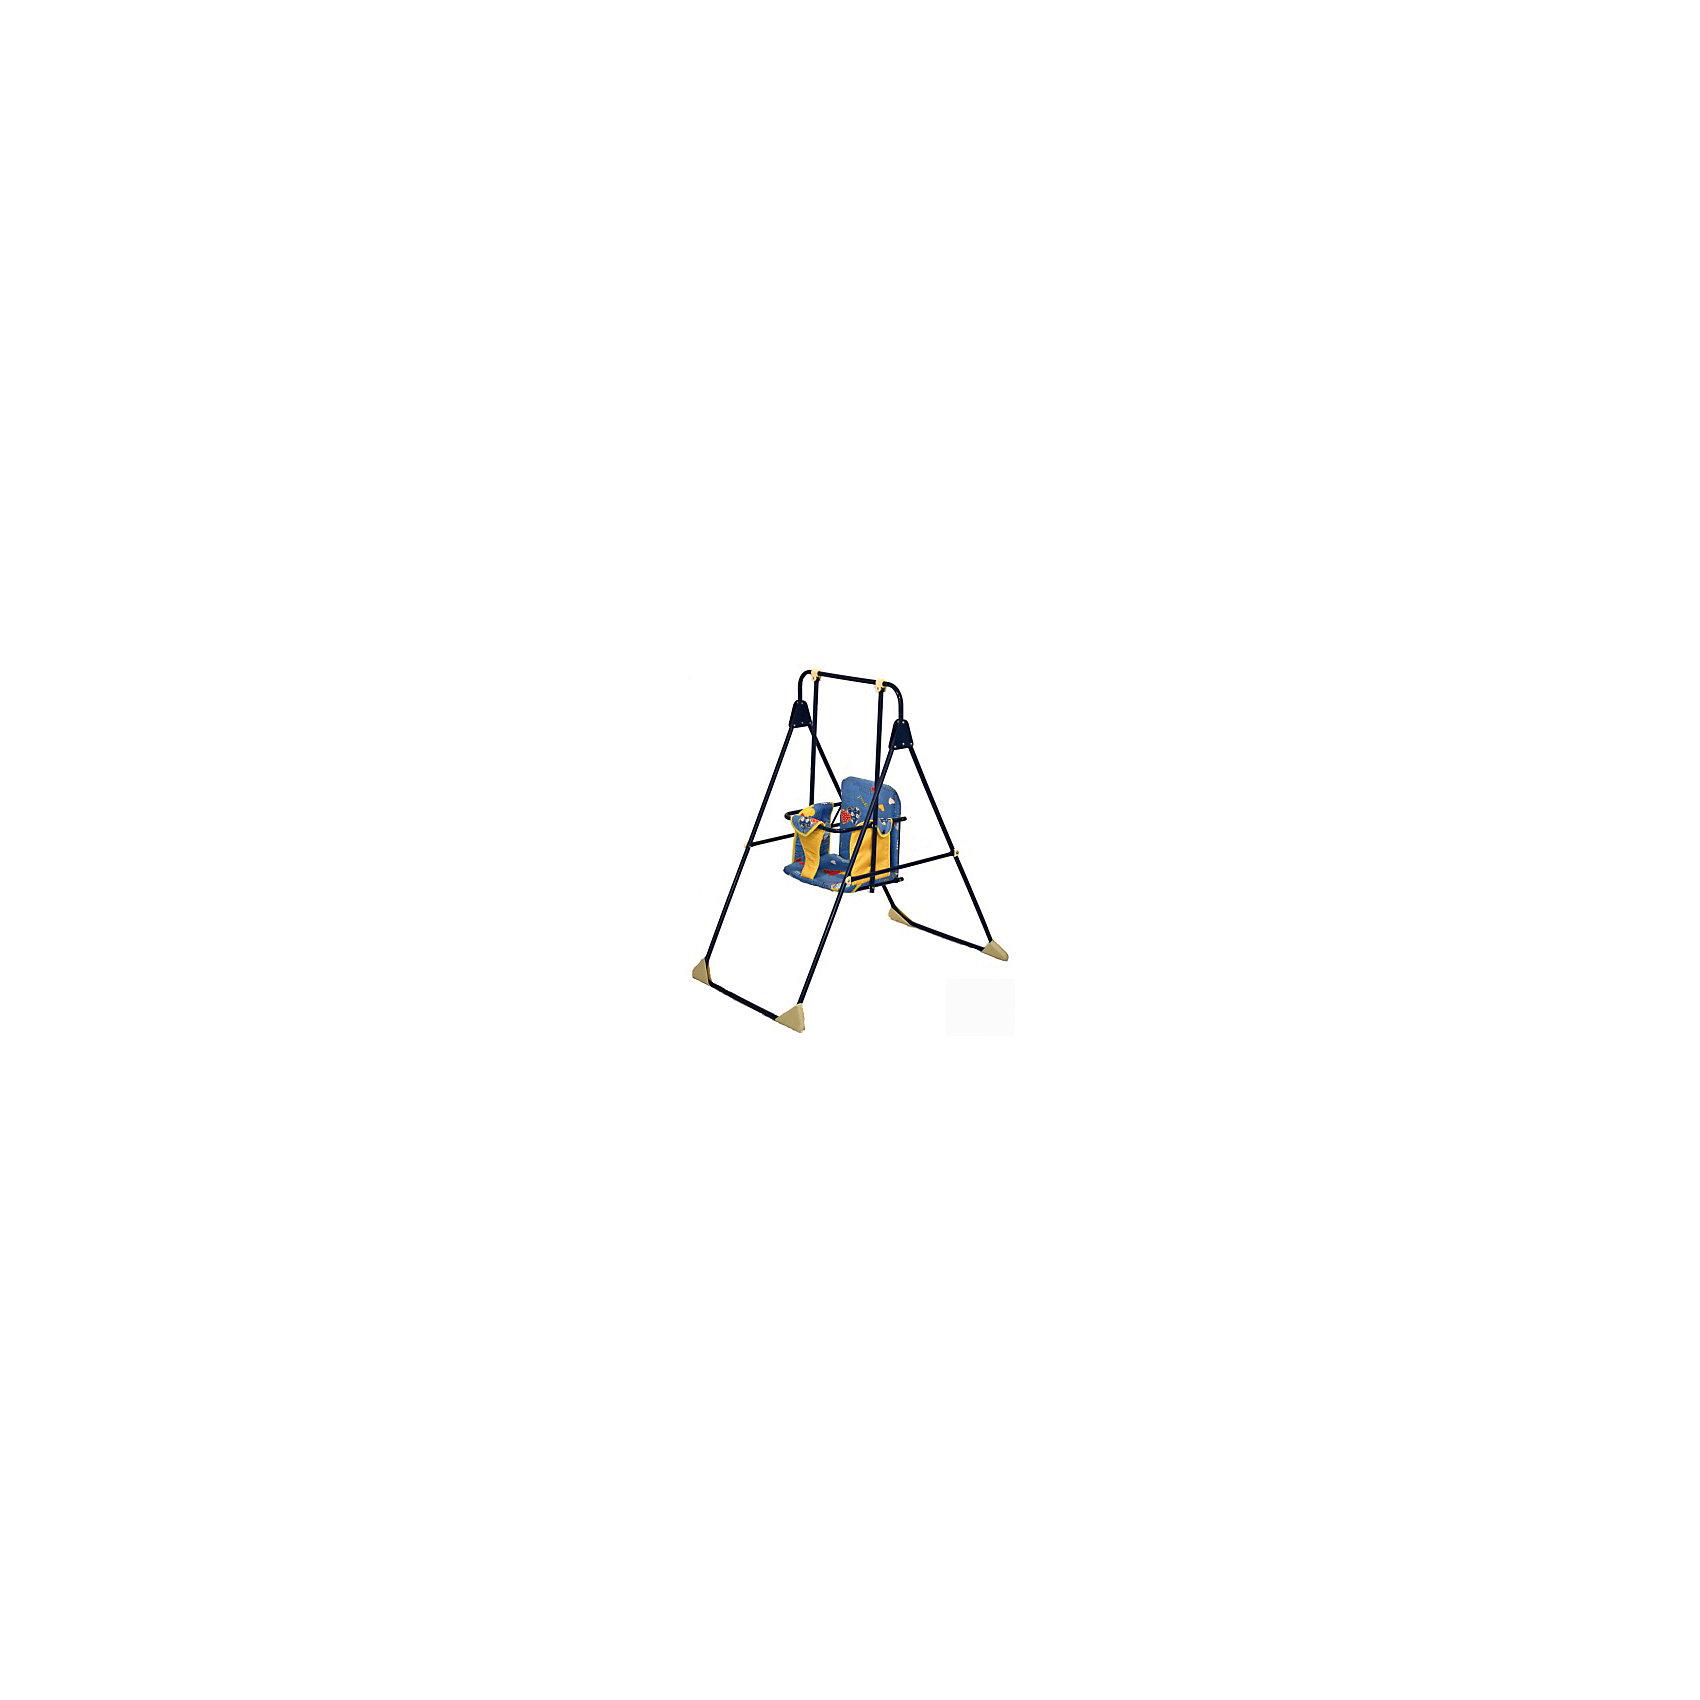 Качели напольные Ветерок, Globex, синийКачели напольные и подвесные<br>Характеристики:<br><br>• сиденье и спинка обтянуты поролоном и мягким материалом;<br>• рама окрашена порошковым напылением;<br>• перед ребенком расположен поручень;<br>• имеется перемычка между ног;<br>• компактны в сложенном виде.<br><br>Размер качелей: 56х72х107 см<br>Размер упаковки: 119х67х7,5 см<br>Вес: 3,8 кг<br><br>Напольные качели устанавливаются на ровную поверхность. Перед ребенком имеется перекладина, которая обеспечивает безопасность во время качания. Разделитель для ножек препятствует соскальзыванию малыша. На опорных стойках качели имеются прорезиненные накладки, которые предотвращают появление царапин на поверхности, где стоят качели. <br><br>Качели напольные Ветерок, Globex, цвет синий можно купить в нашем интернет-магазине.<br><br>Ширина мм: 1190<br>Глубина мм: 670<br>Высота мм: 75<br>Вес г: 3800<br>Возраст от месяцев: 12<br>Возраст до месяцев: 36<br>Пол: Унисекс<br>Возраст: Детский<br>SKU: 5513645